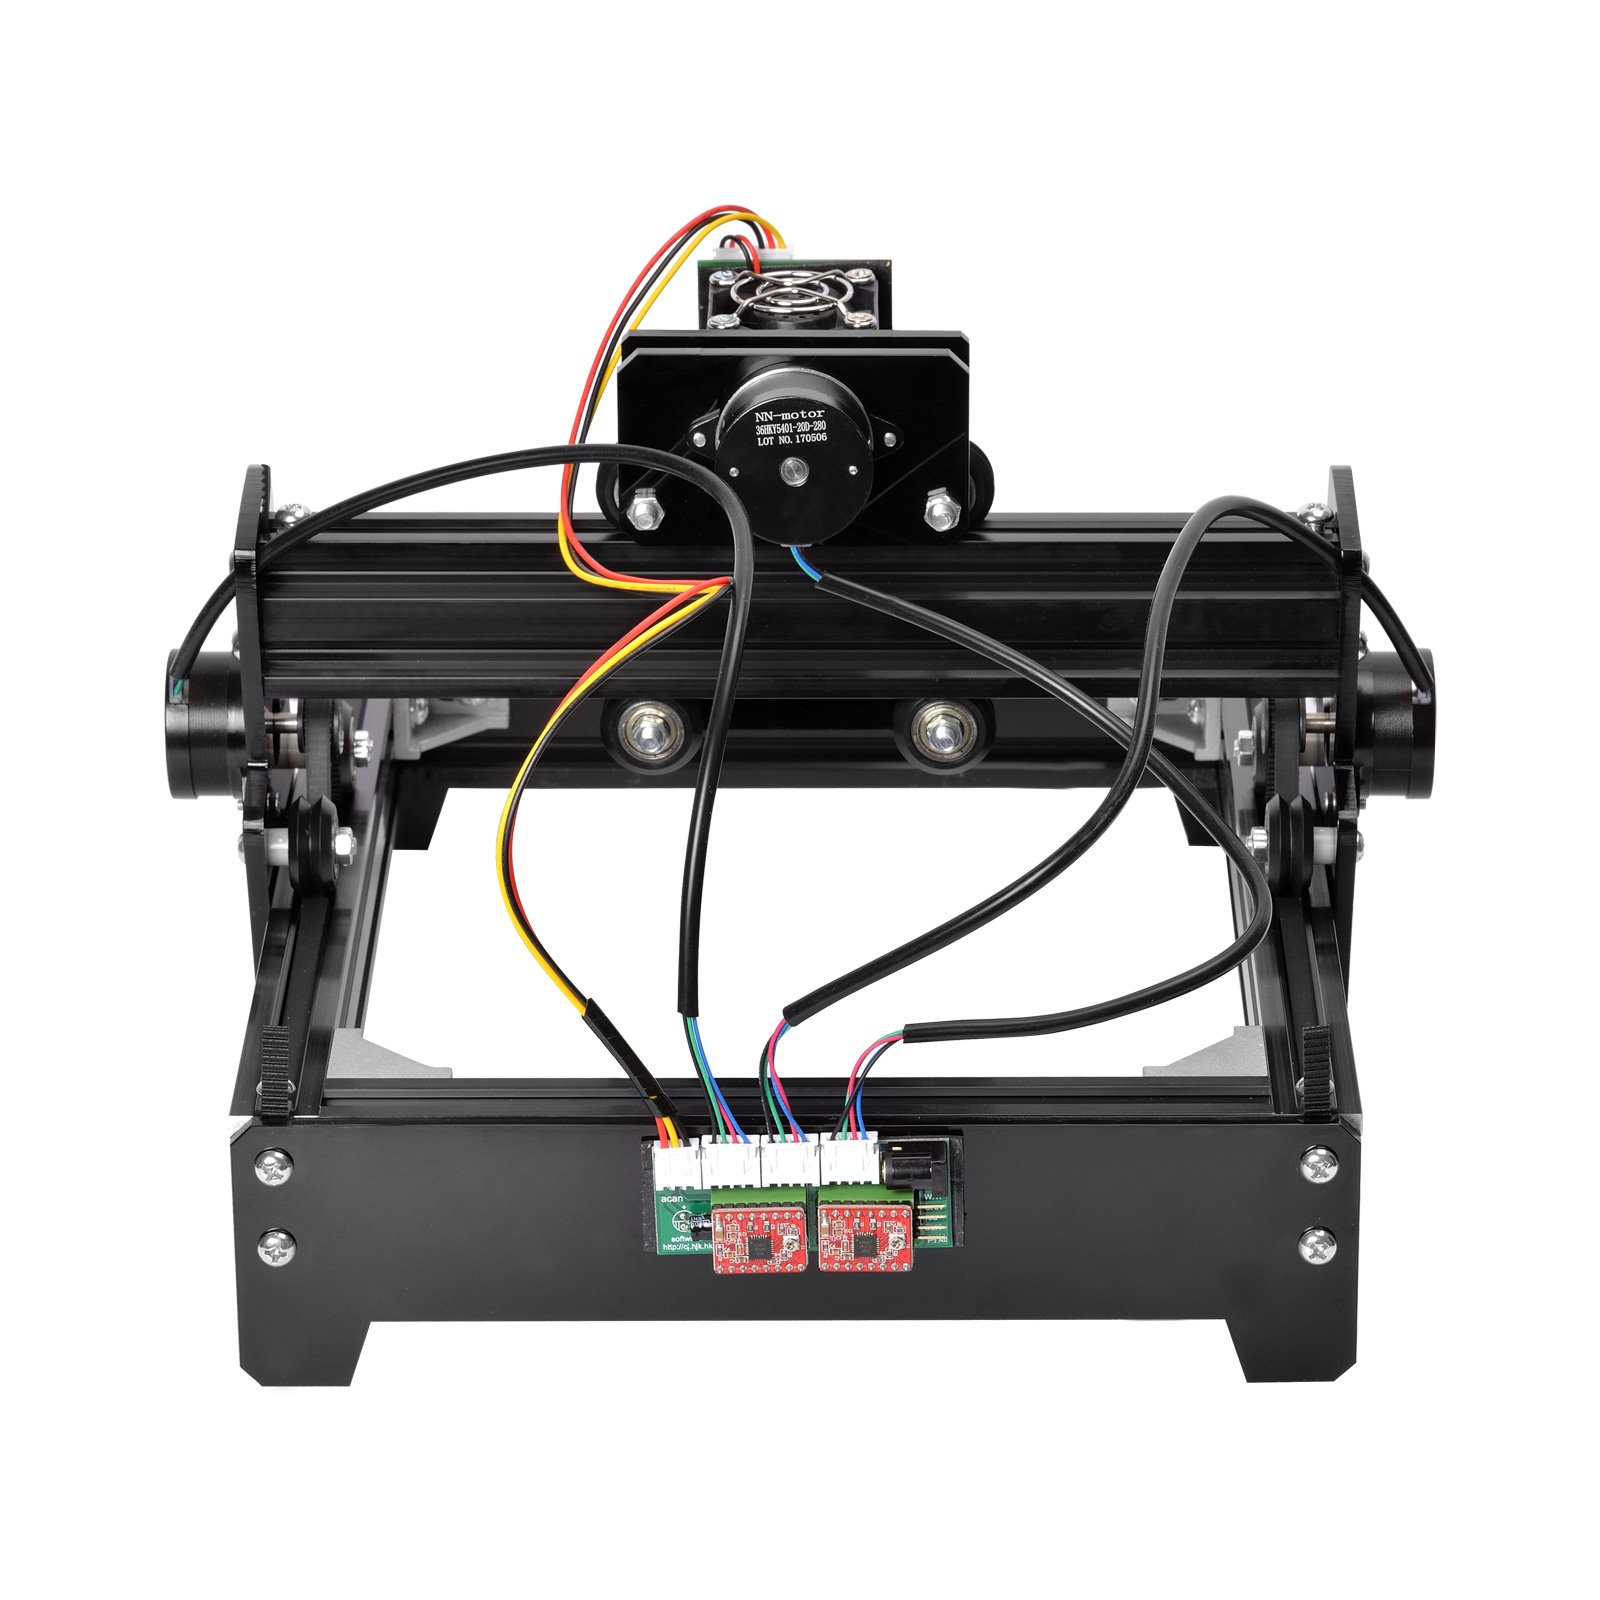 SHUOGOU 15W Laser Engraving, High Speed Mini Laser Carving Machine  Engraver, Portable Household Art Craft DIY Laser Engraver Printer, Mini  Cutter